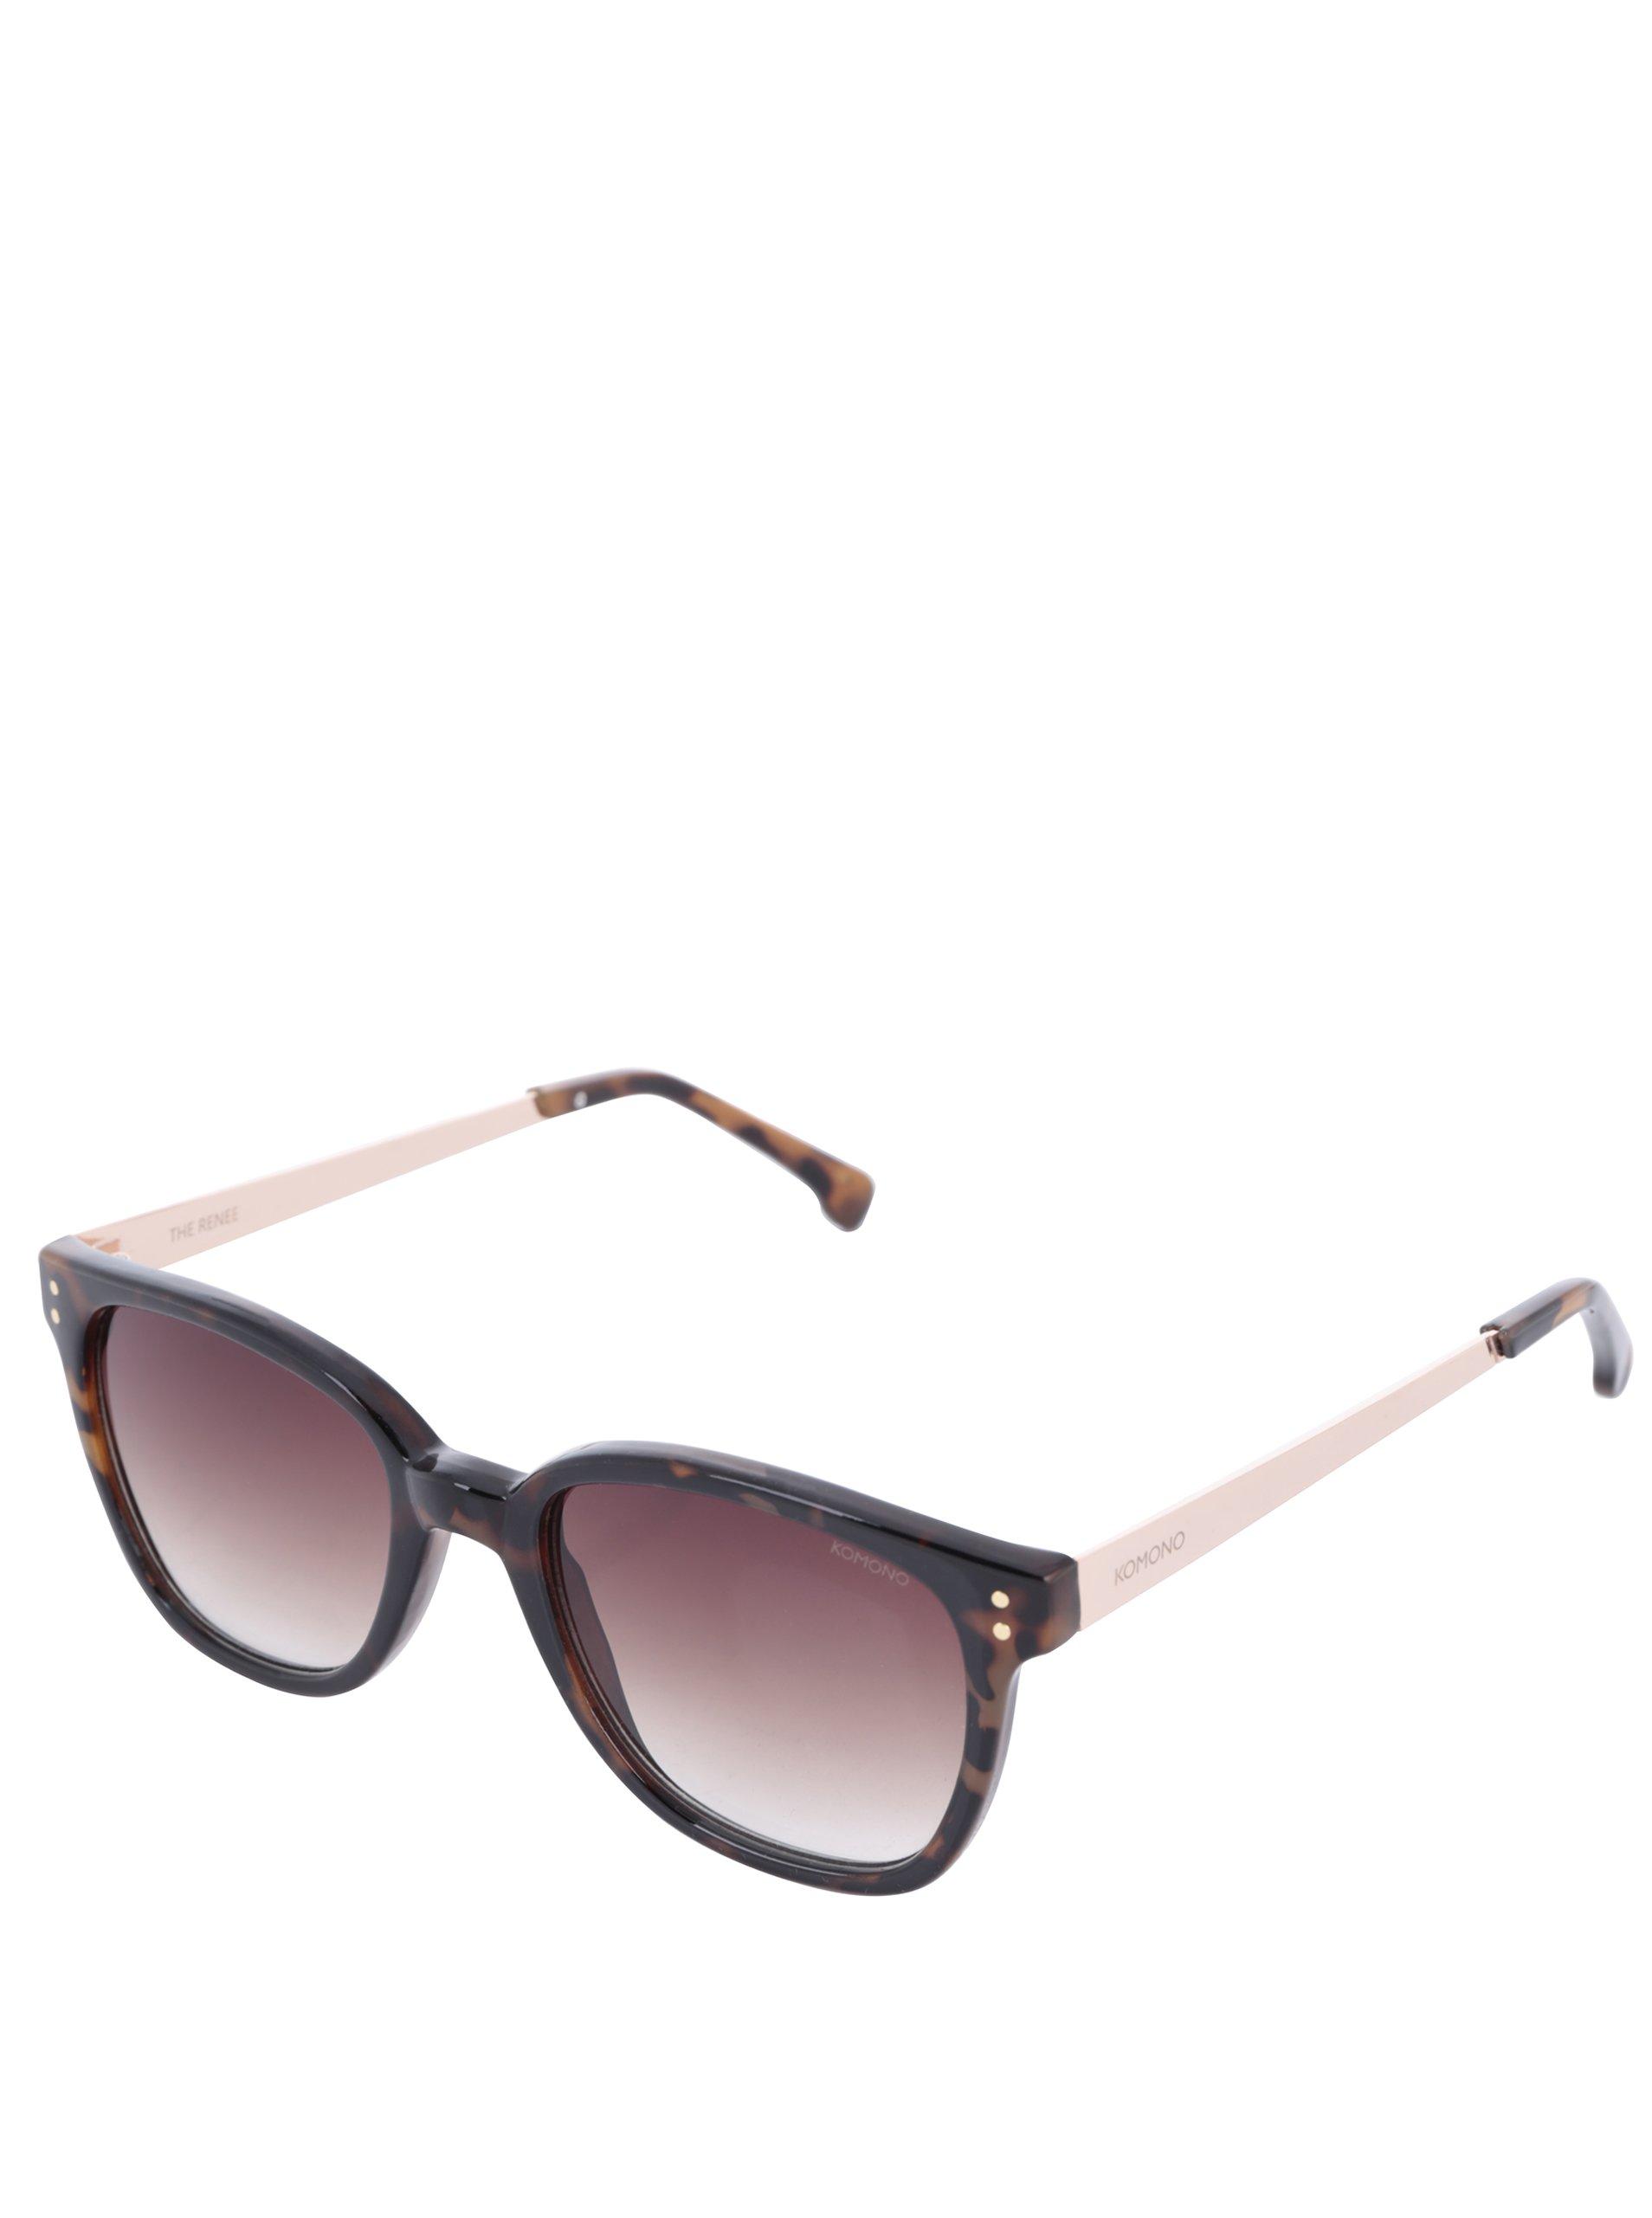 Tmavohnedé dámske vzorované slnečné okuliare Komono Renee